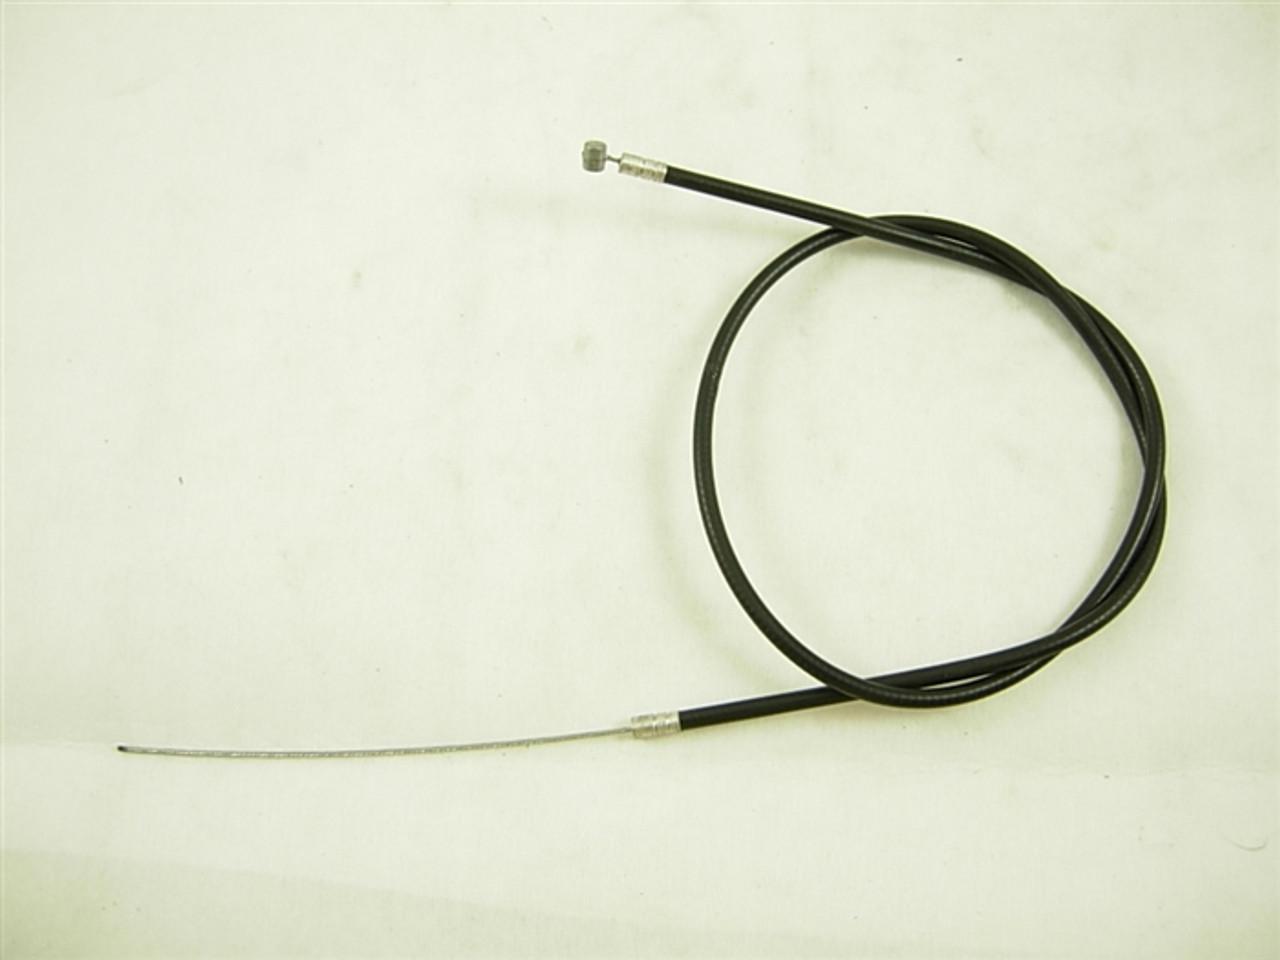 CHOKE CABLE 13645-A203-9